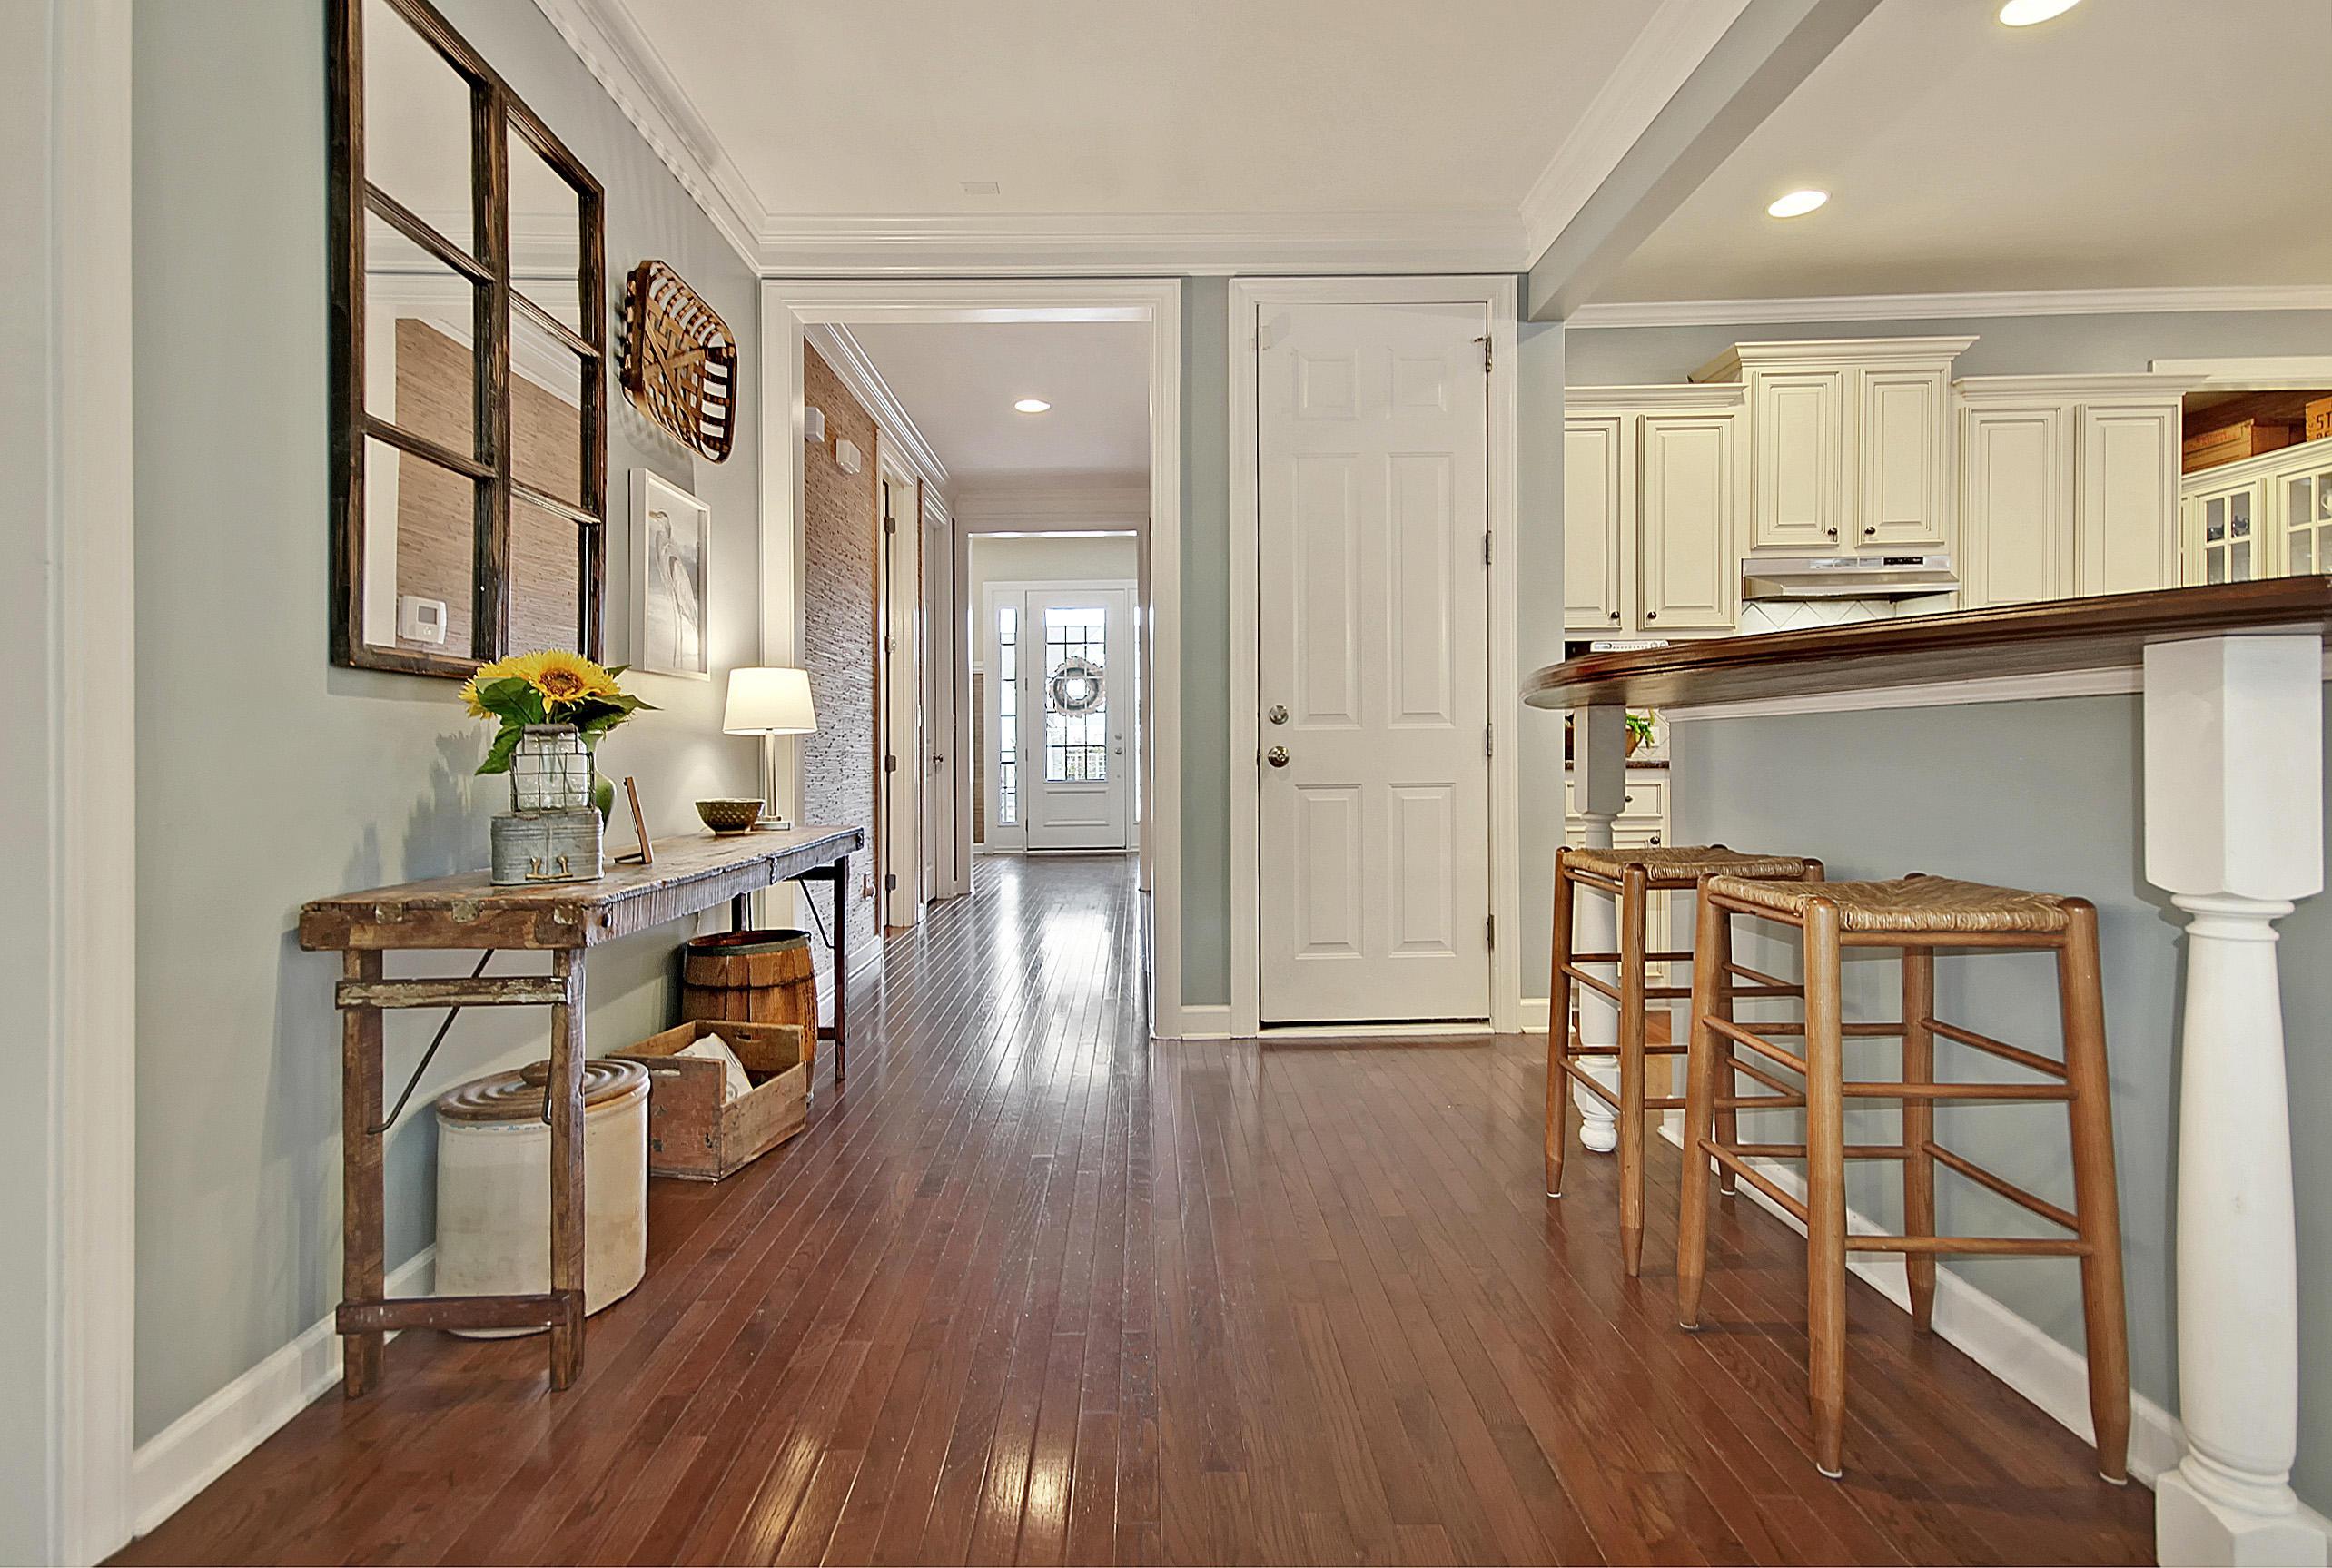 Dunes West Homes For Sale - 3056 Riverwood, Mount Pleasant, SC - 14